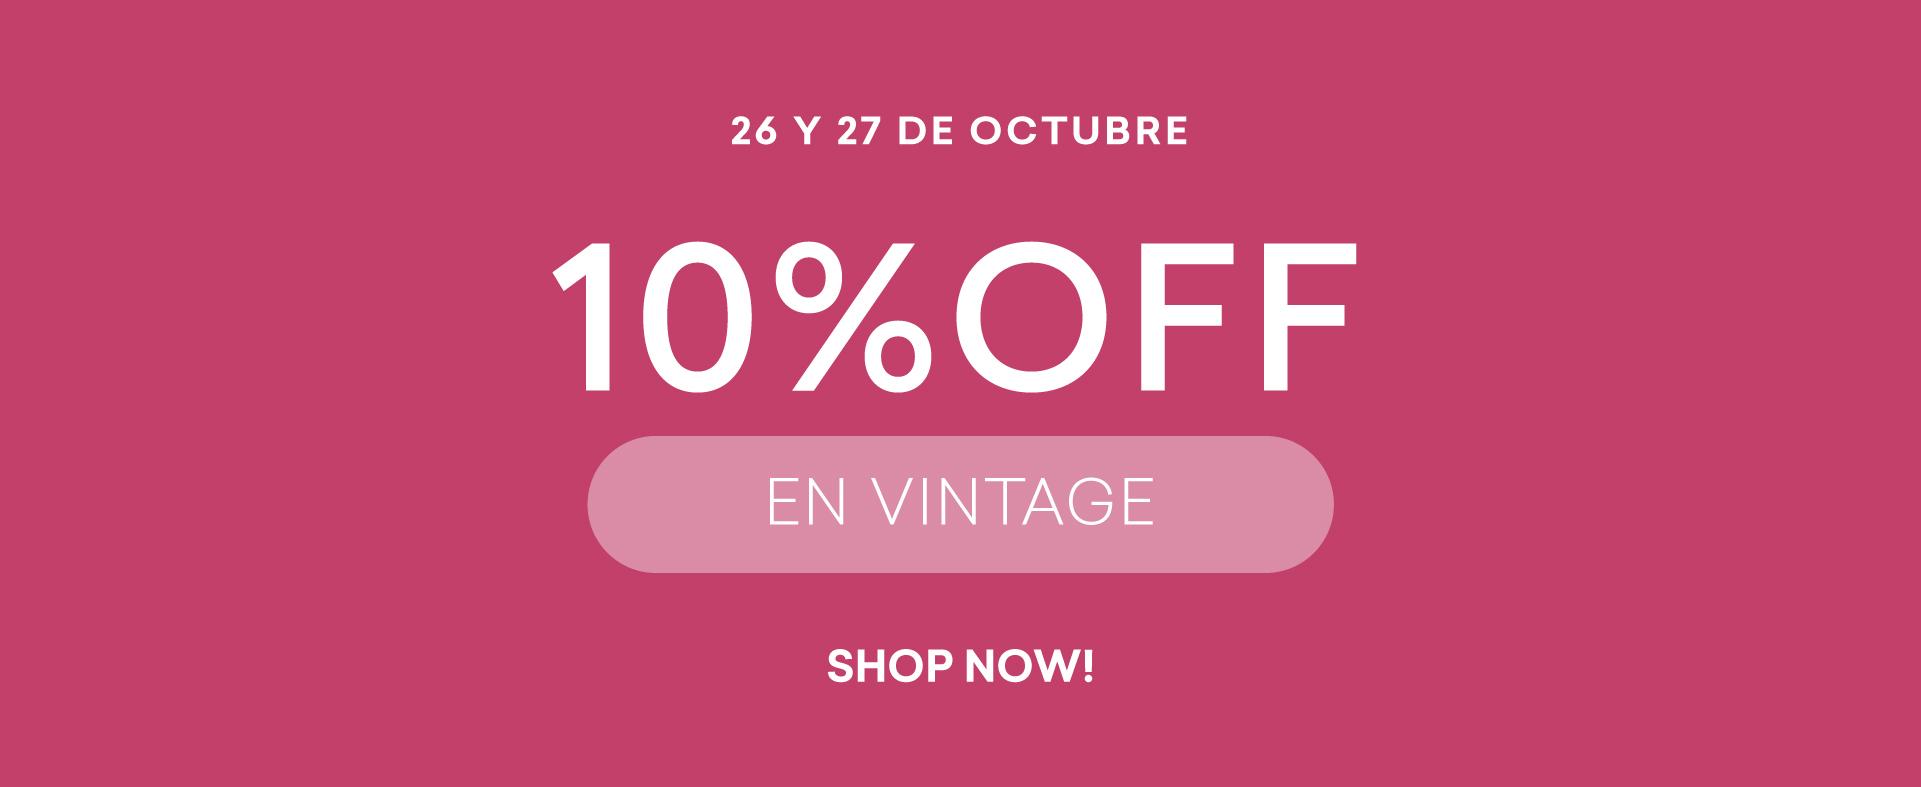 10%OFF Vintage